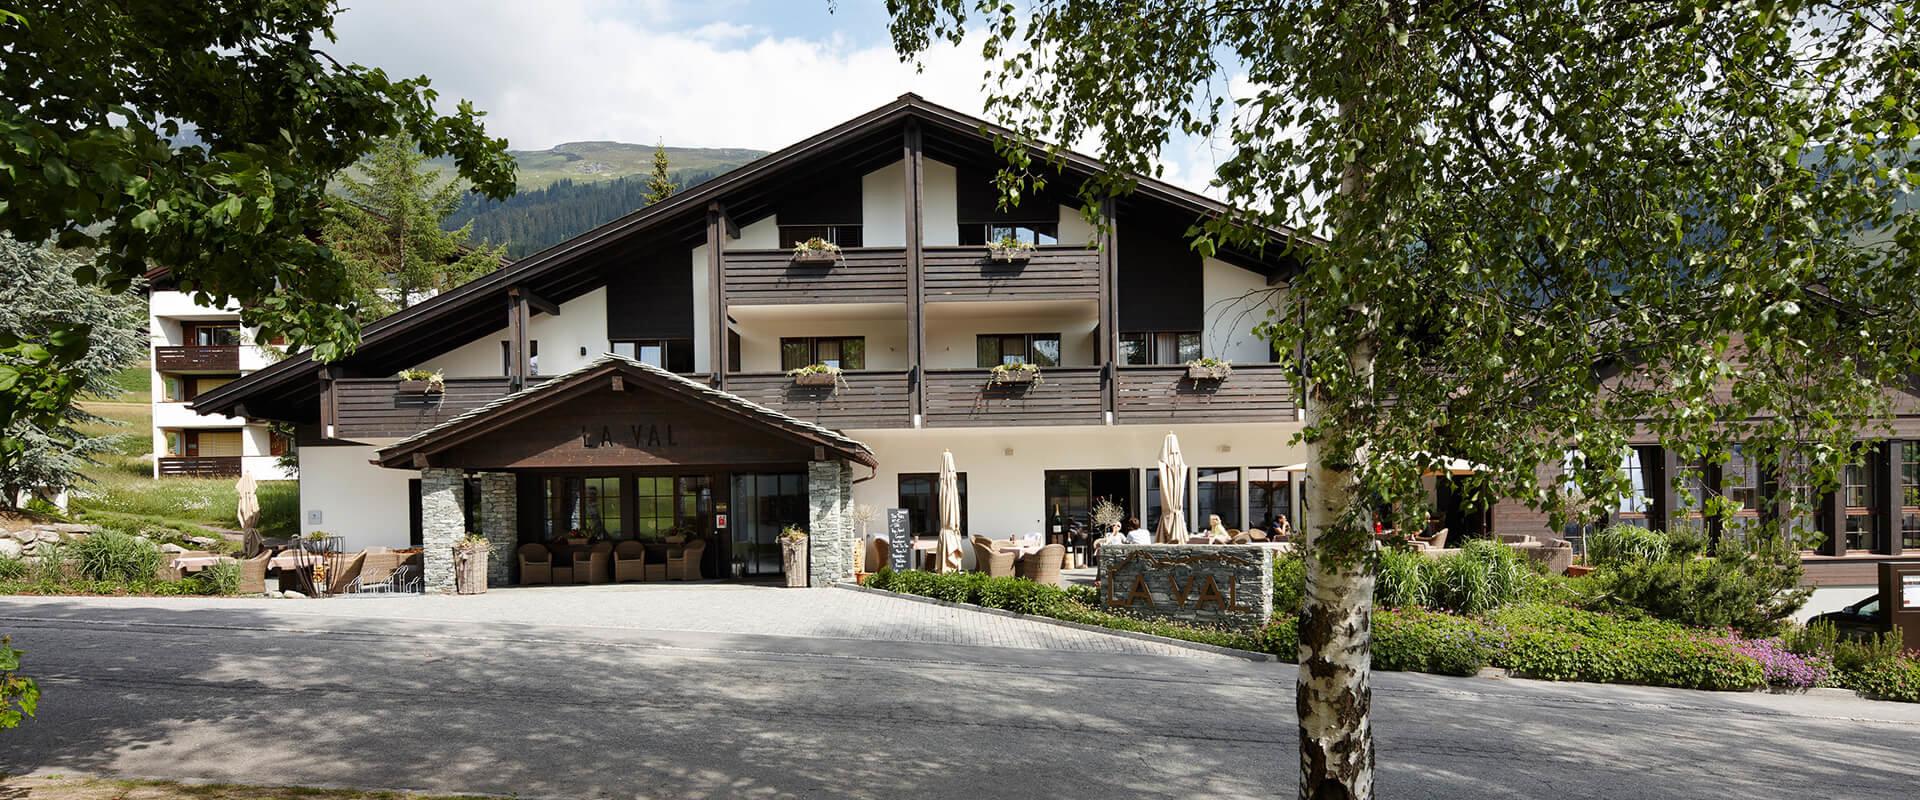 Hotel La Val Brigels